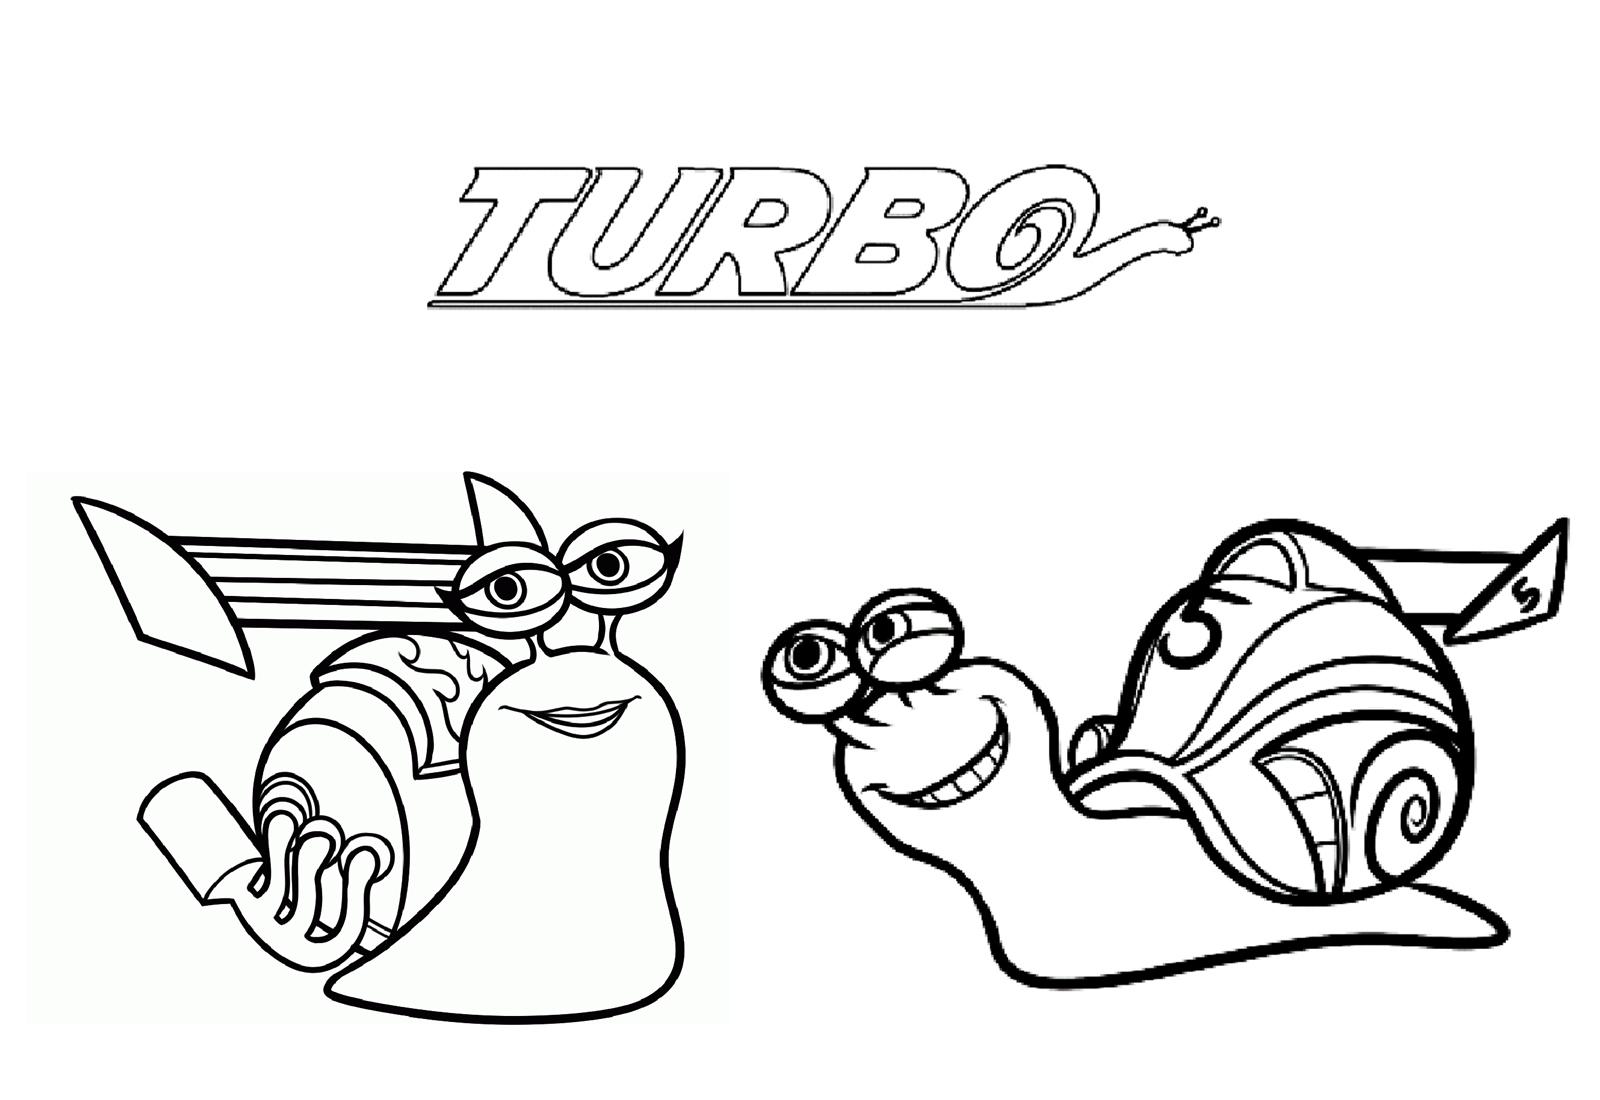 Tranh tô màu ốc sên Turbo